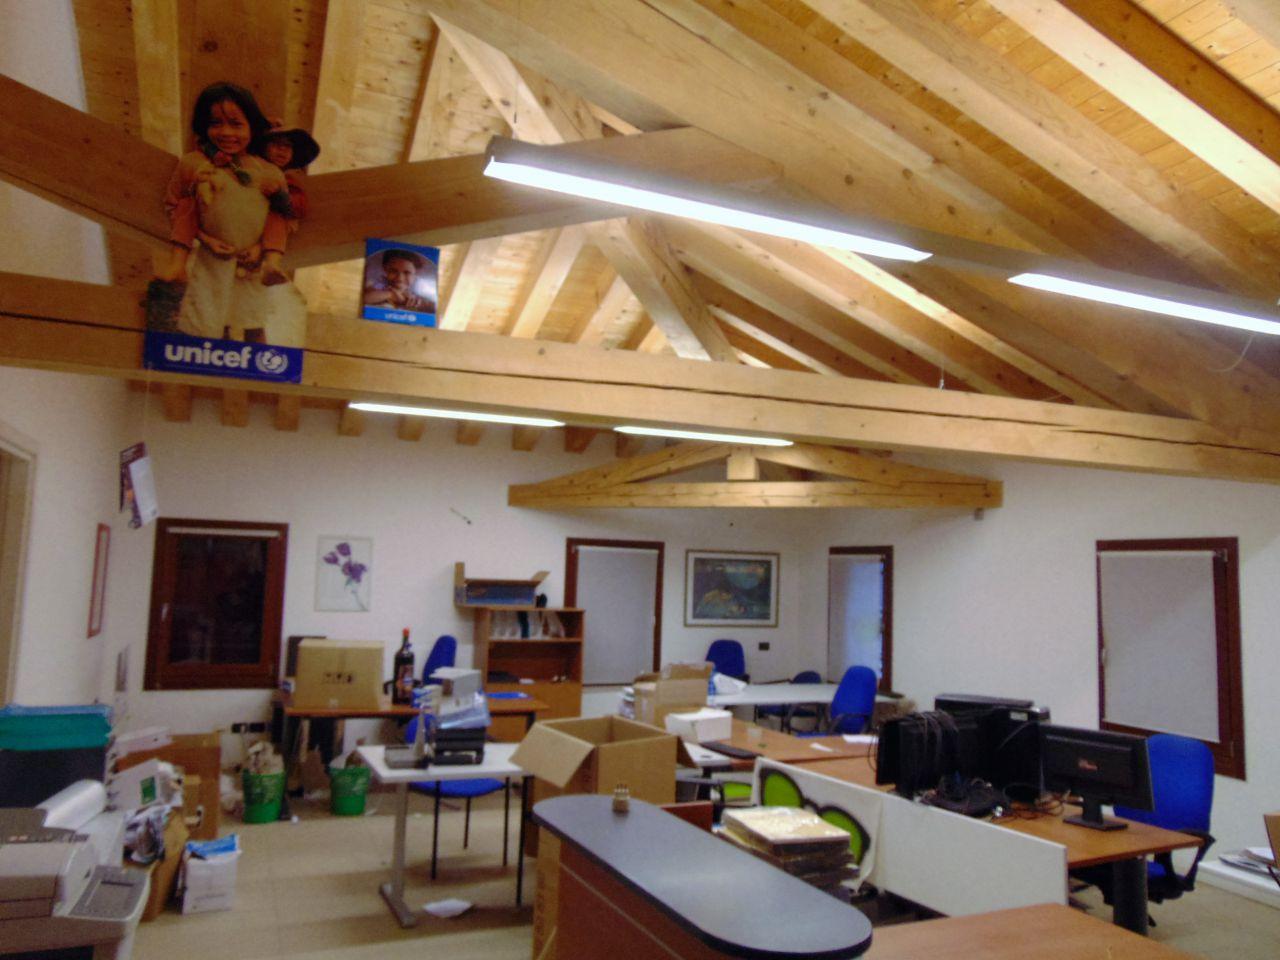 Ufficio monolocale in affitto a Abano Terme (PD)